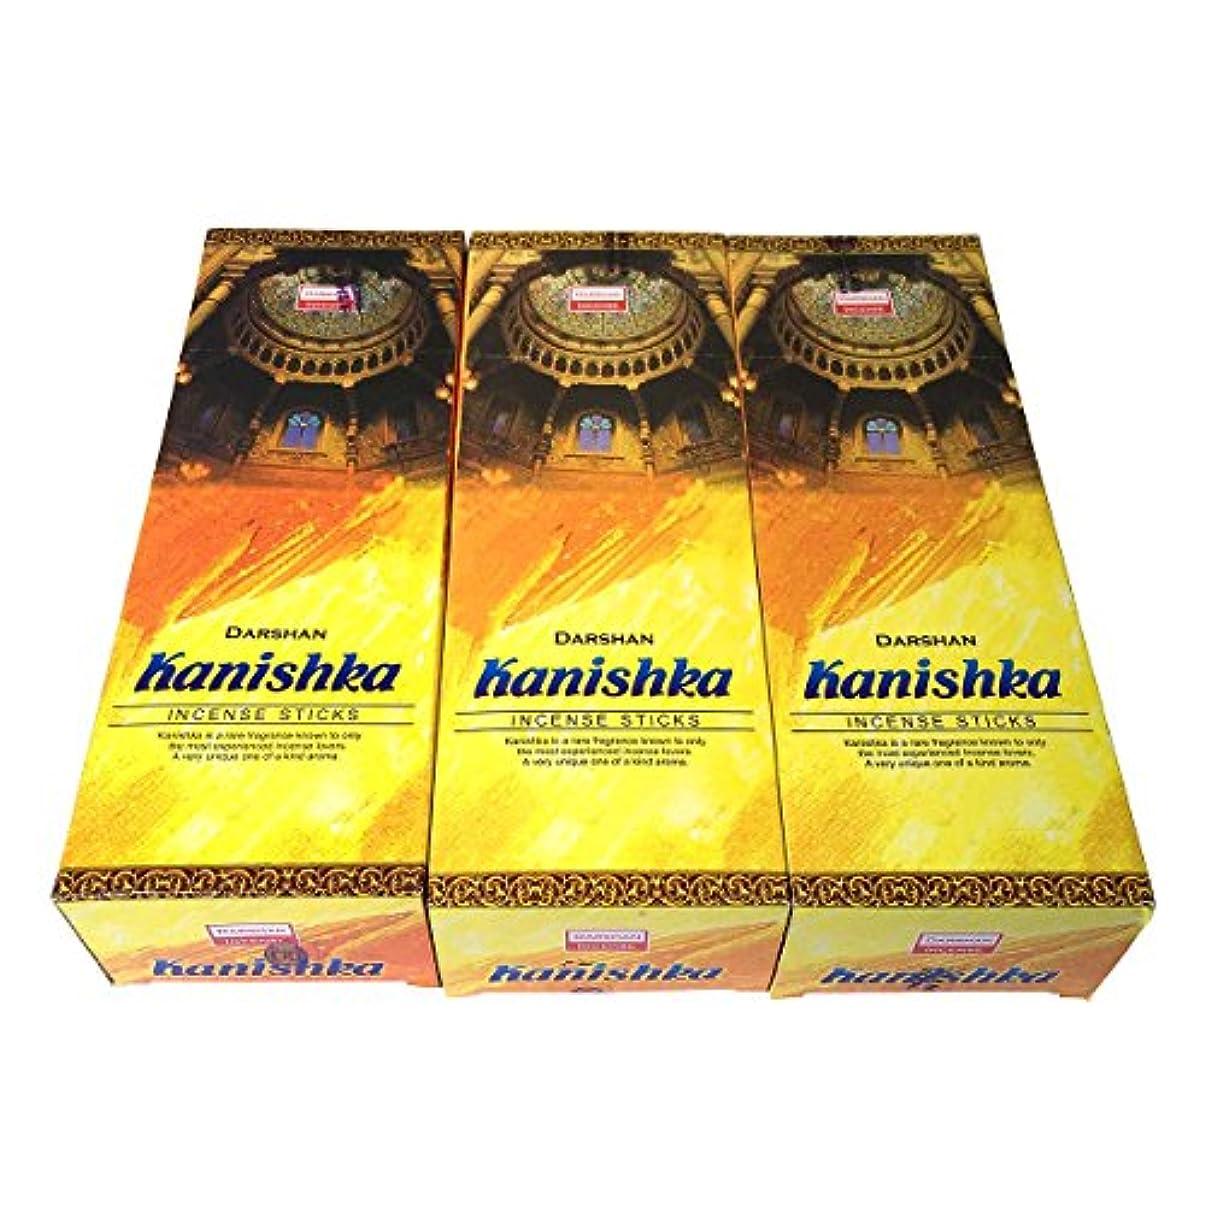 栄光分いつもカニシュカ香スティック 3BOX(18箱) /DARSHAN KANISHKA/インセンス/インド香 お香 [並行輸入品]